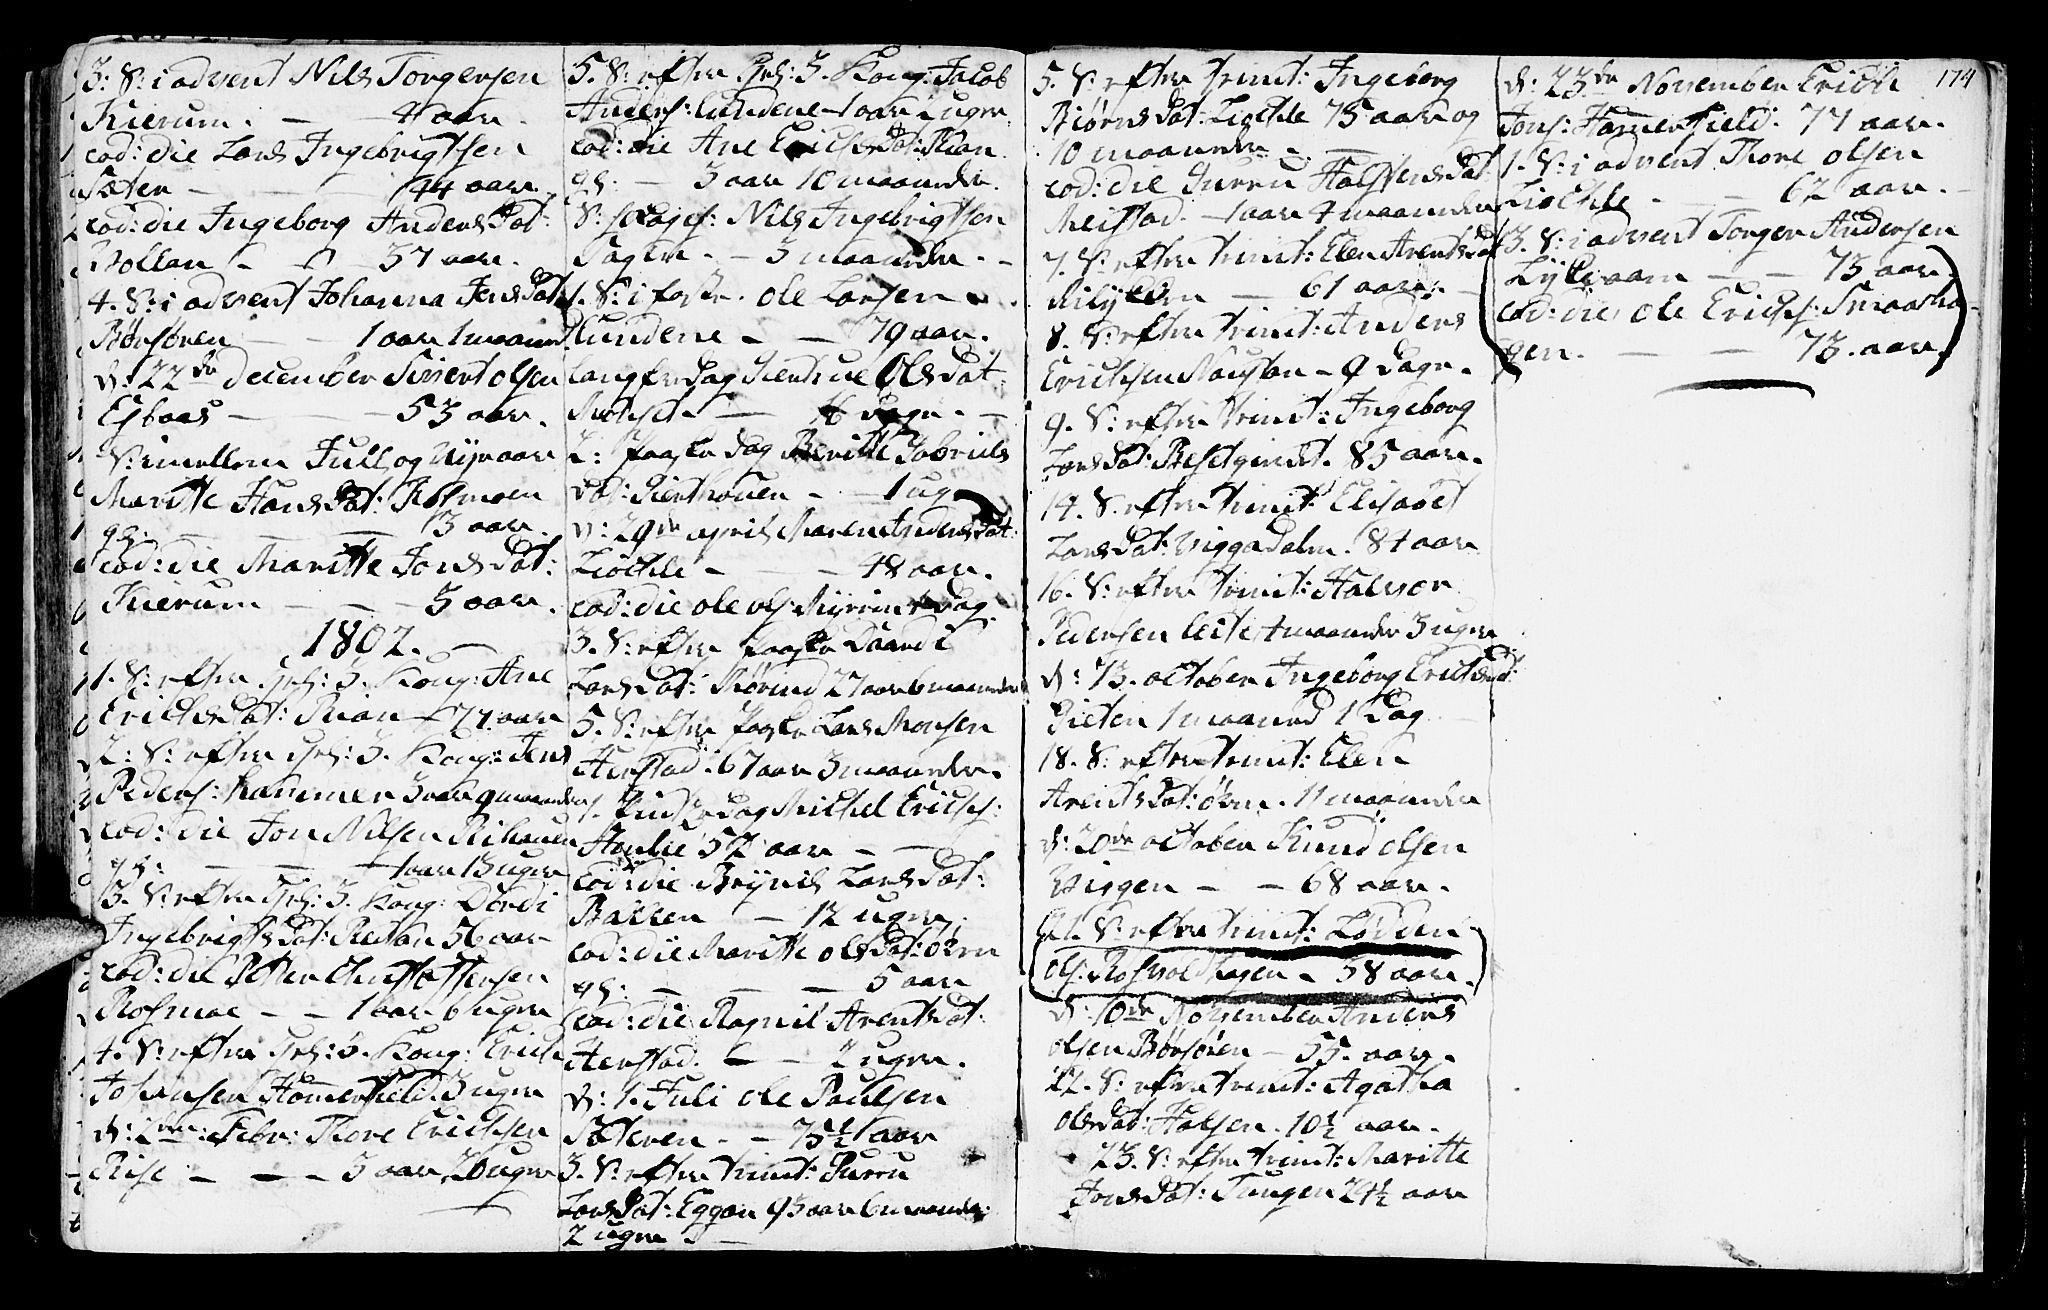 SAT, Ministerialprotokoller, klokkerbøker og fødselsregistre - Sør-Trøndelag, 665/L0768: Ministerialbok nr. 665A03, 1754-1803, s. 174